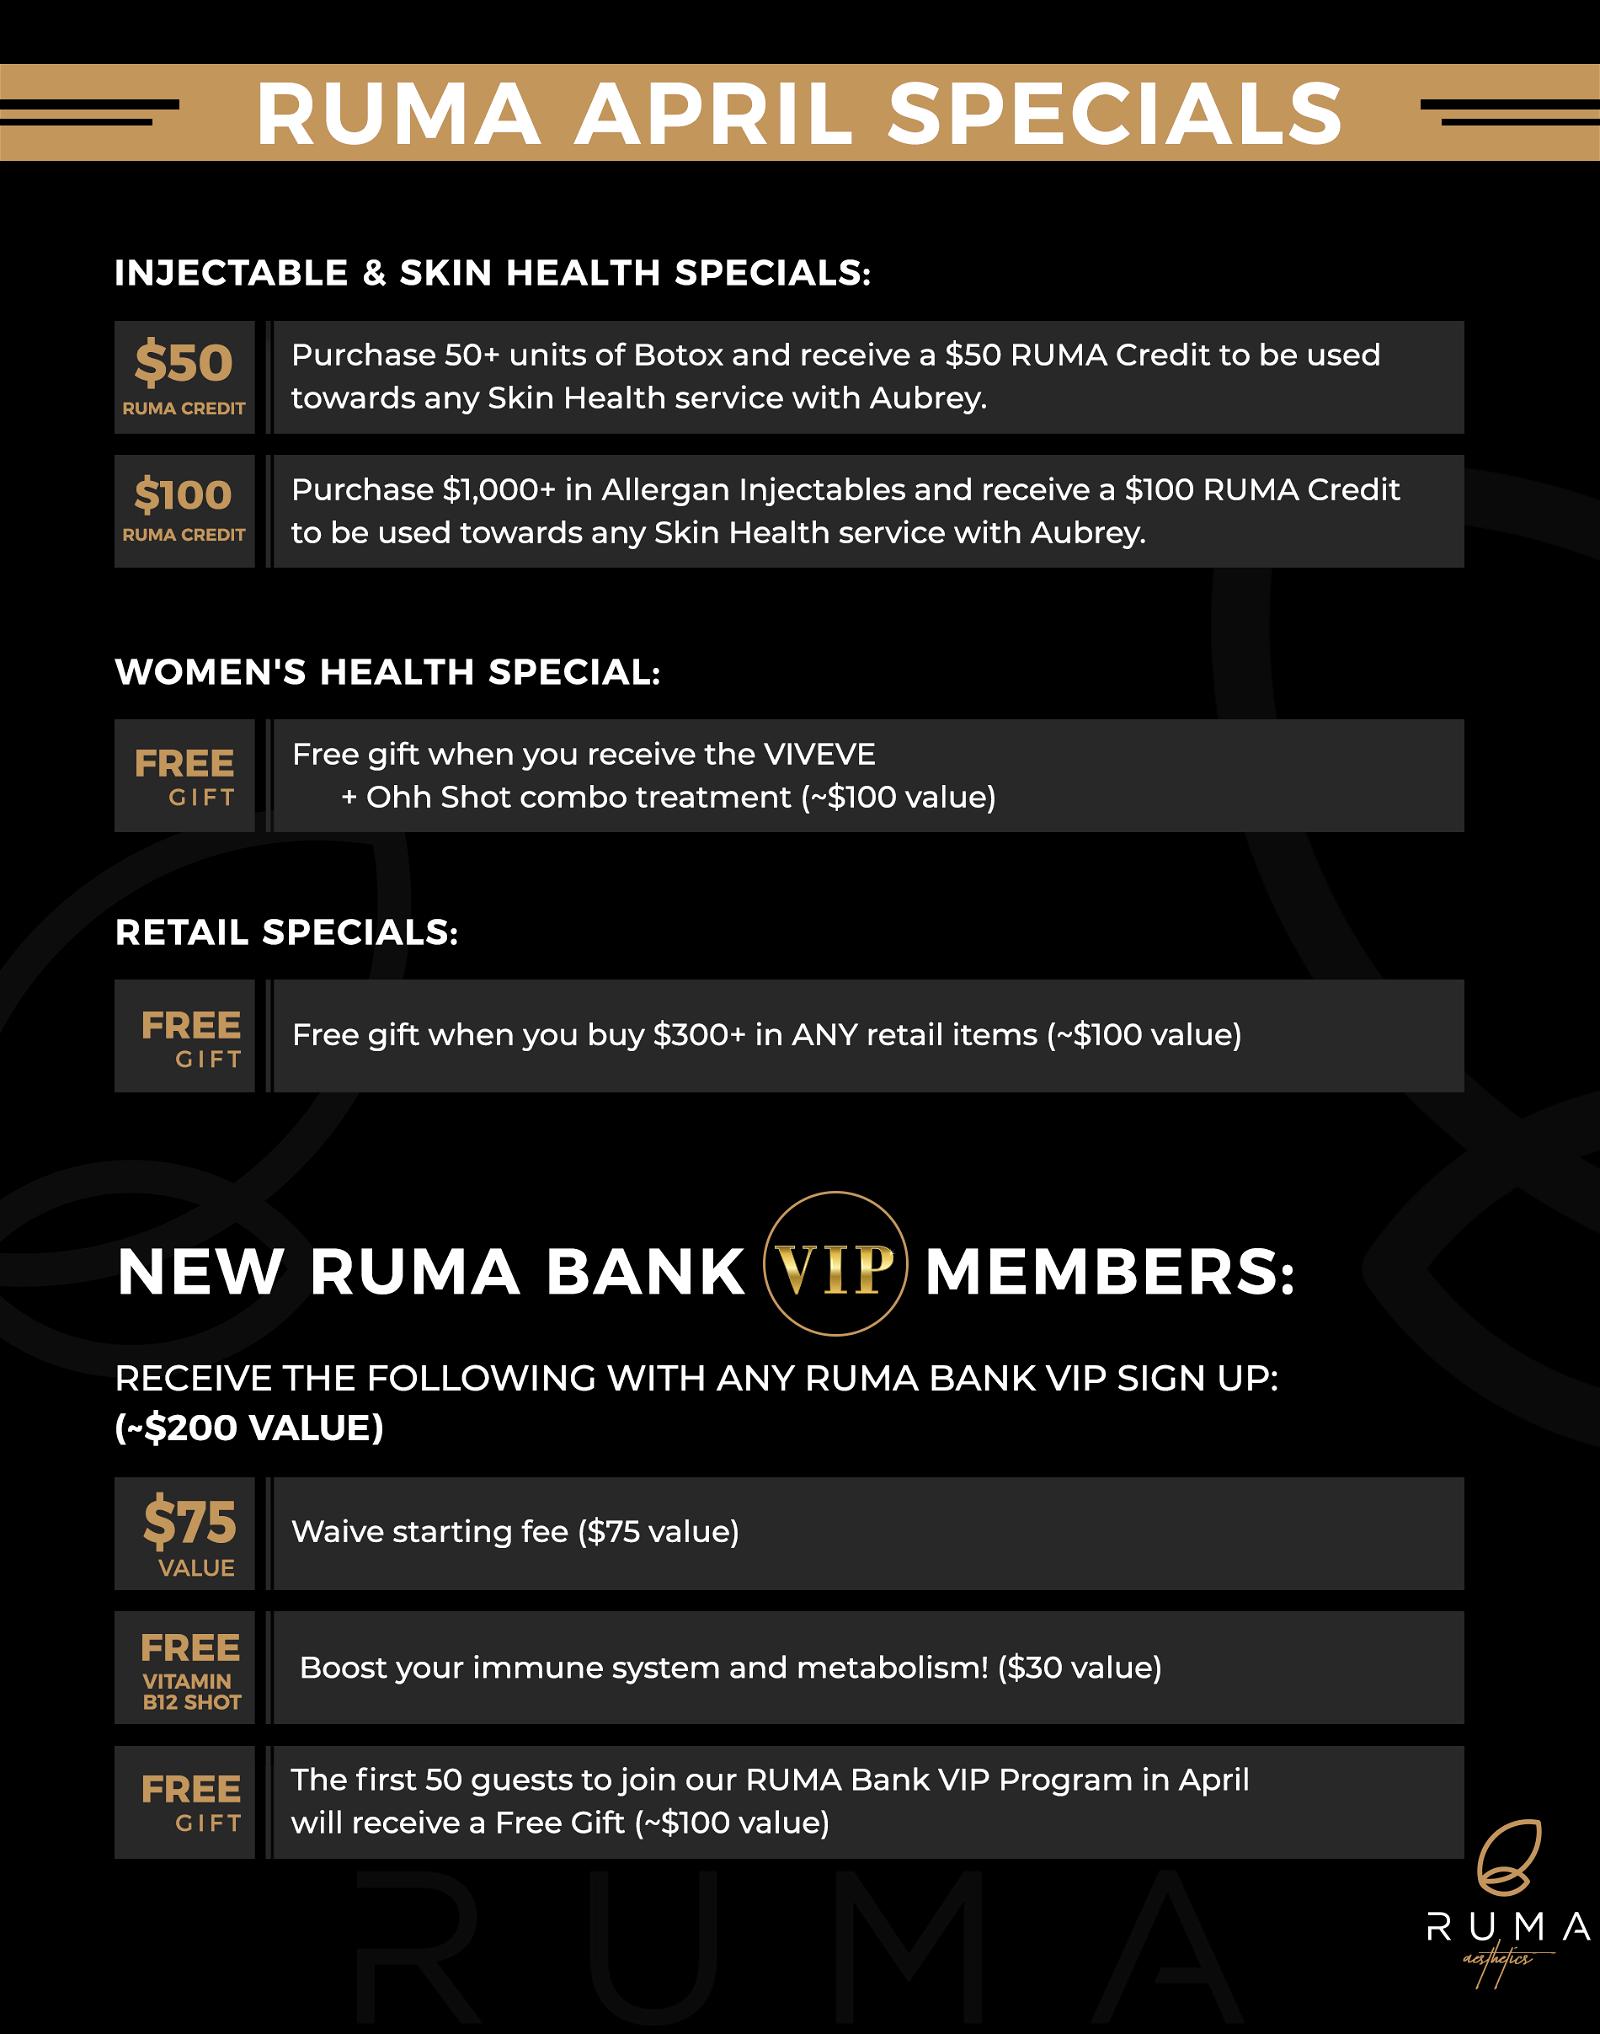 Ruma-April-specials-2 (1)